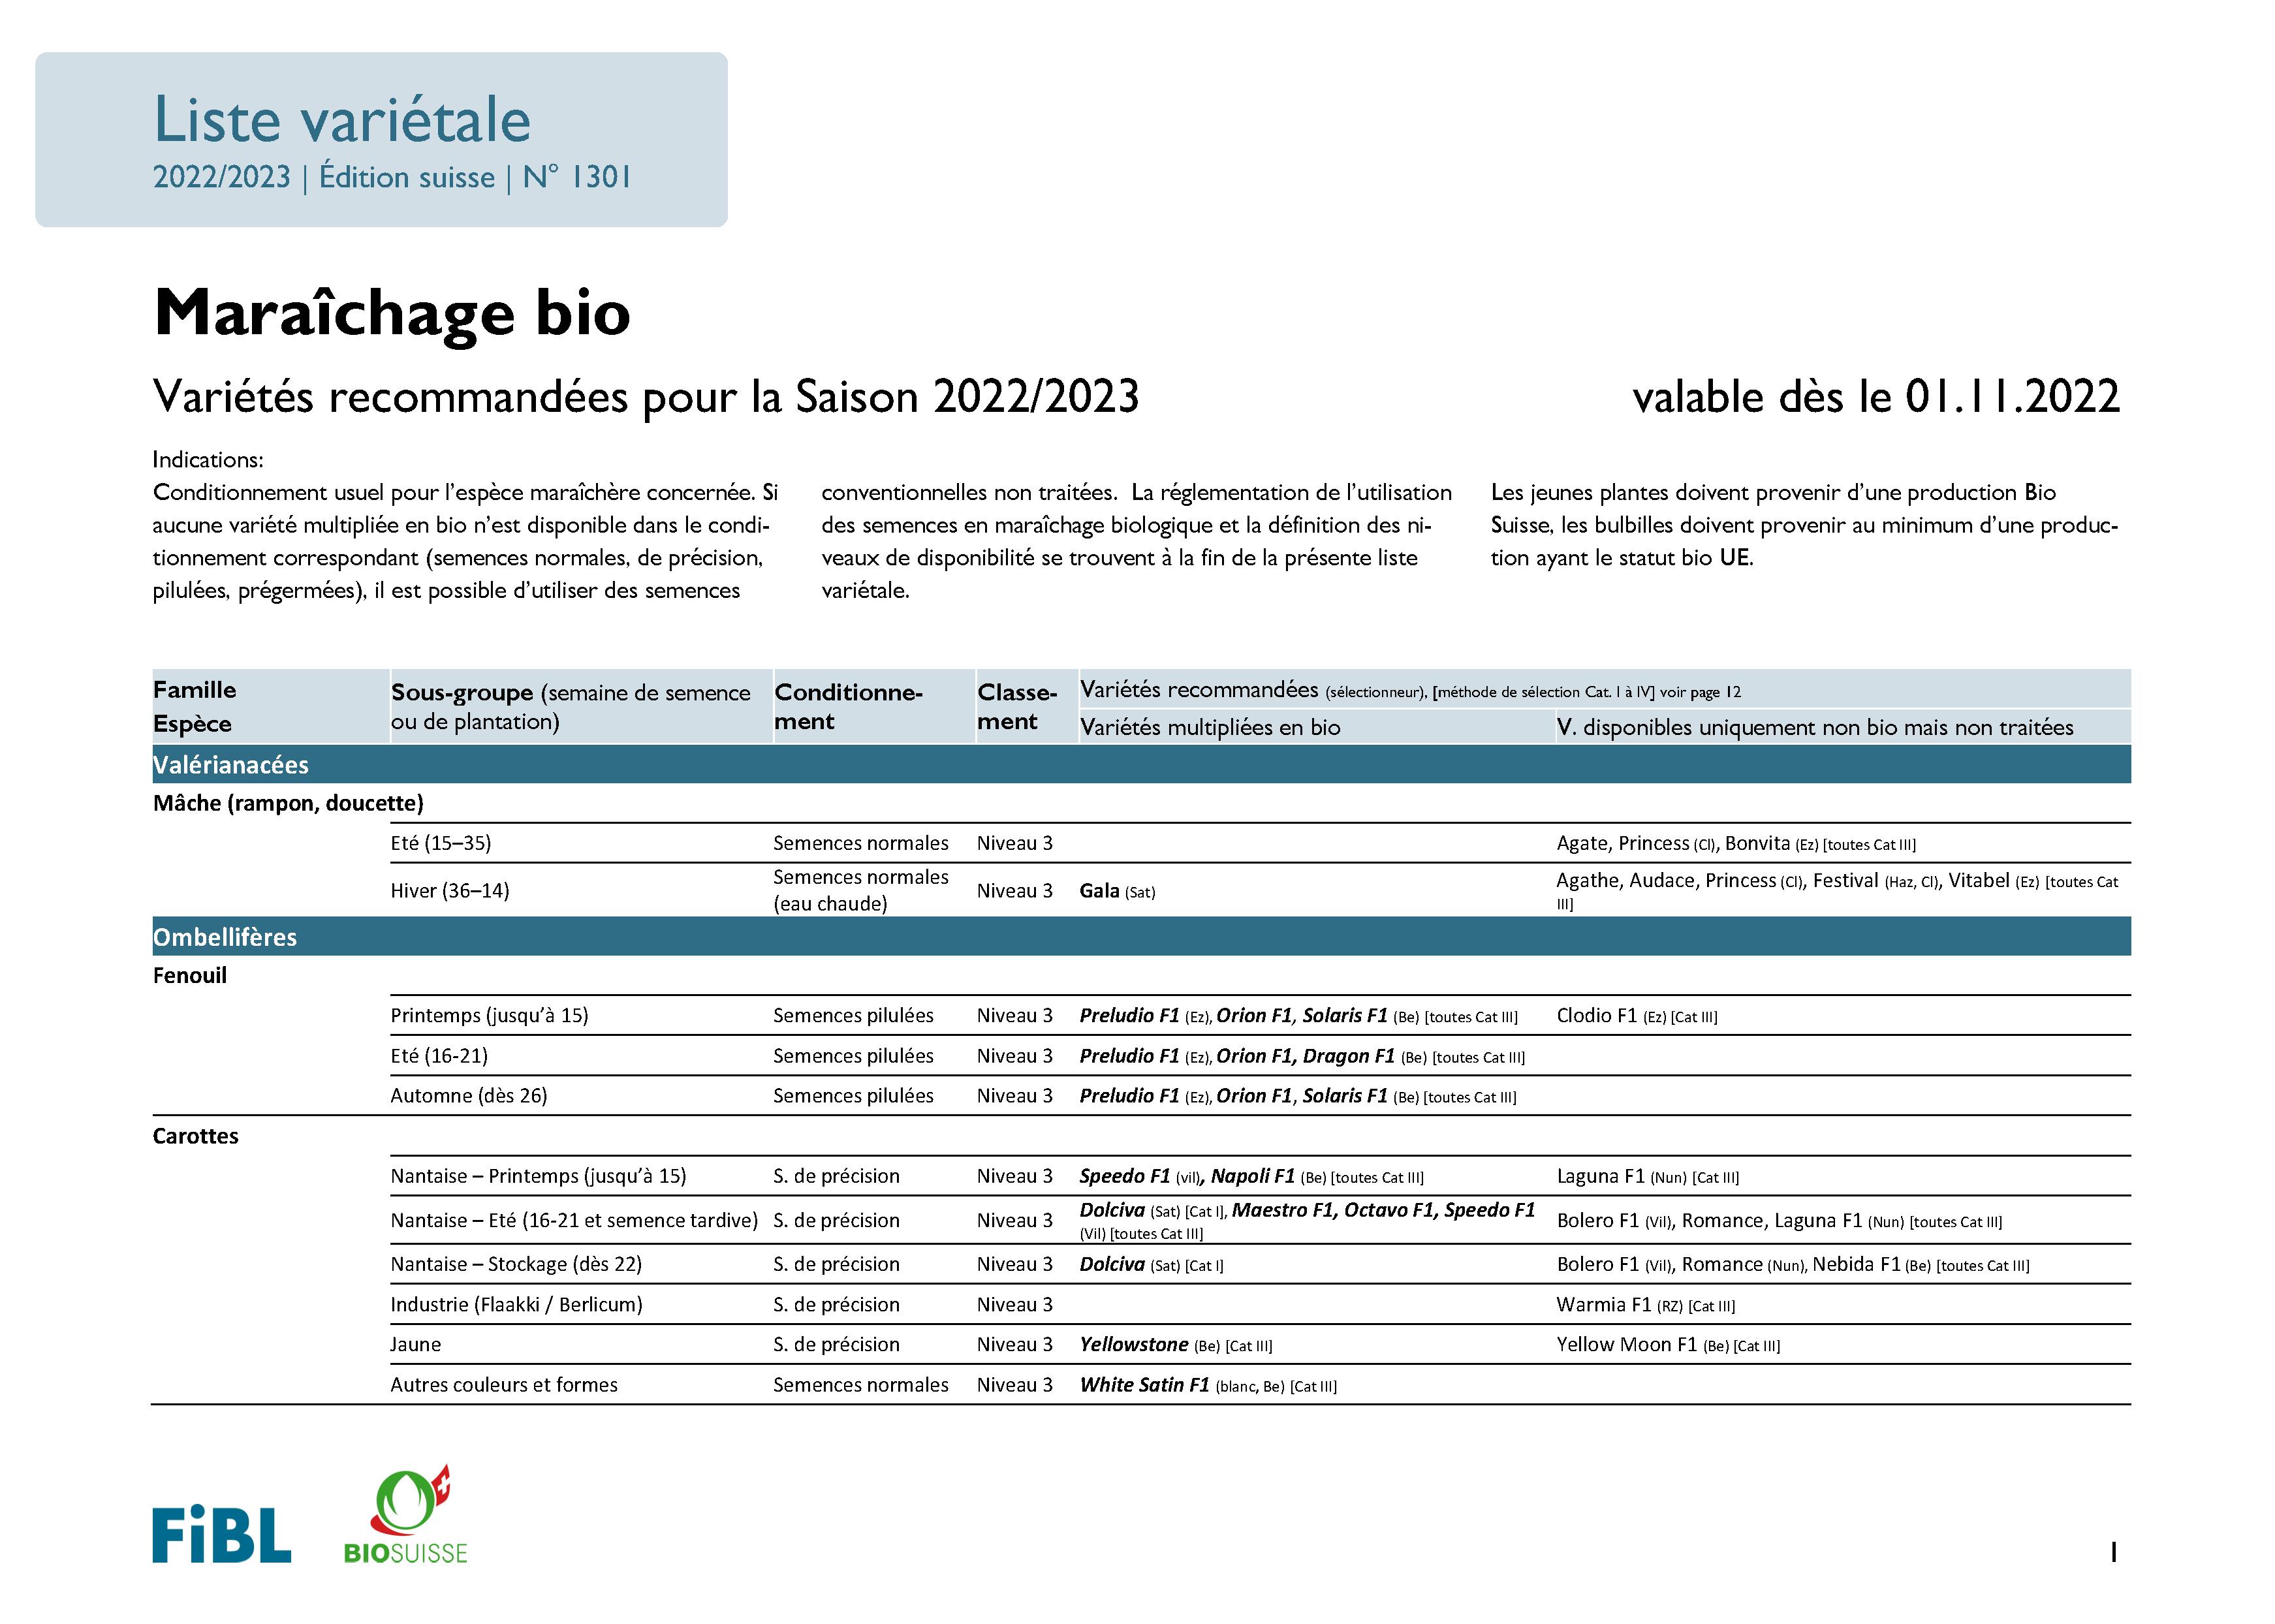 Liste variétale maraîchage bio